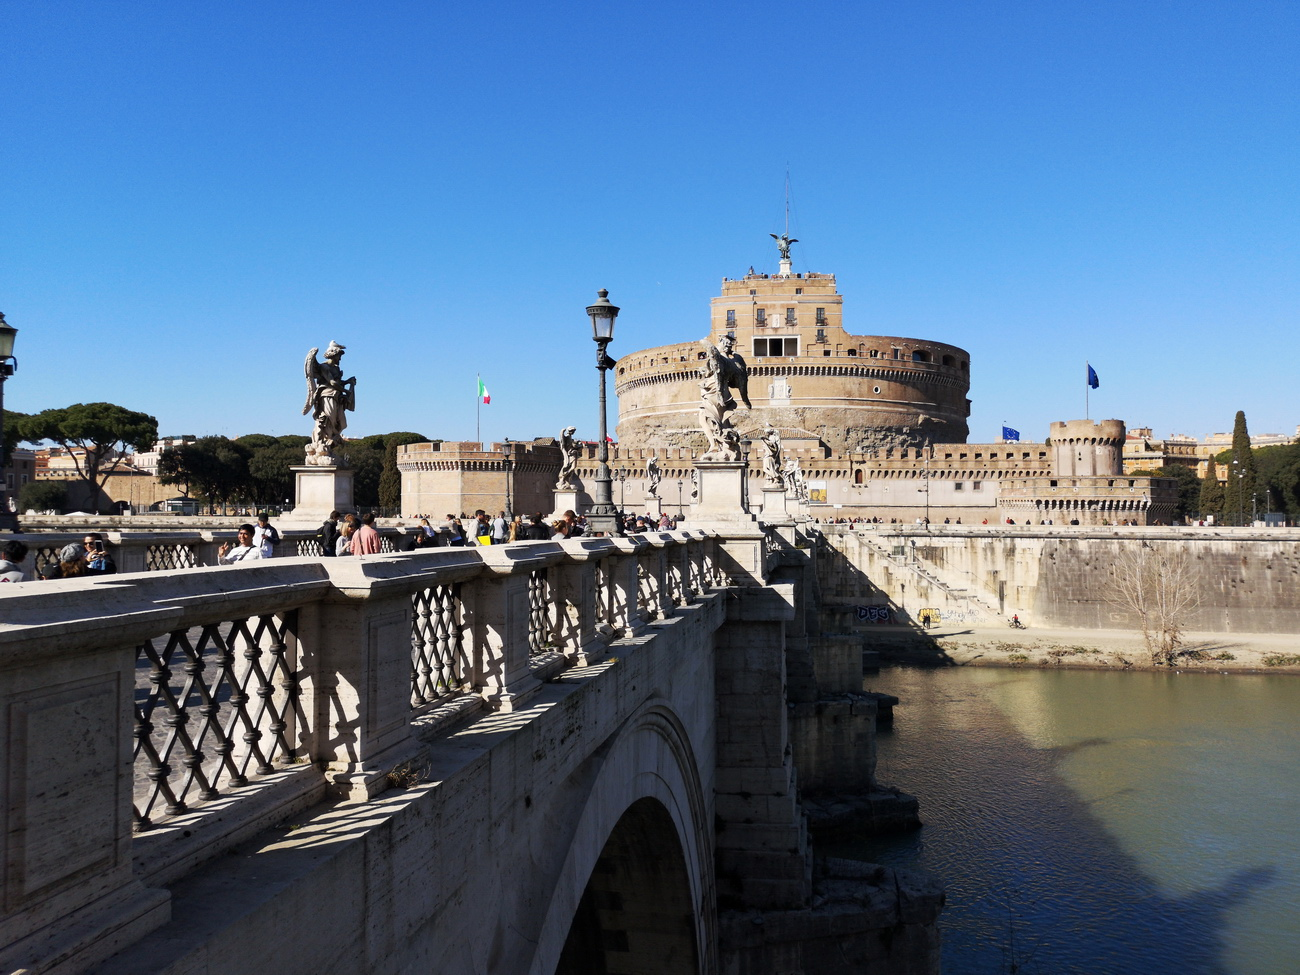 Что мне понравилось и не понравилось в Риме. очень, город, такой, очереди, гулять, совсем, Италии, Хорошо, последний, Вечером, быстро, Вернемся, давно, много, всегда, вкусно, наверное, приперлись, Европы, собой